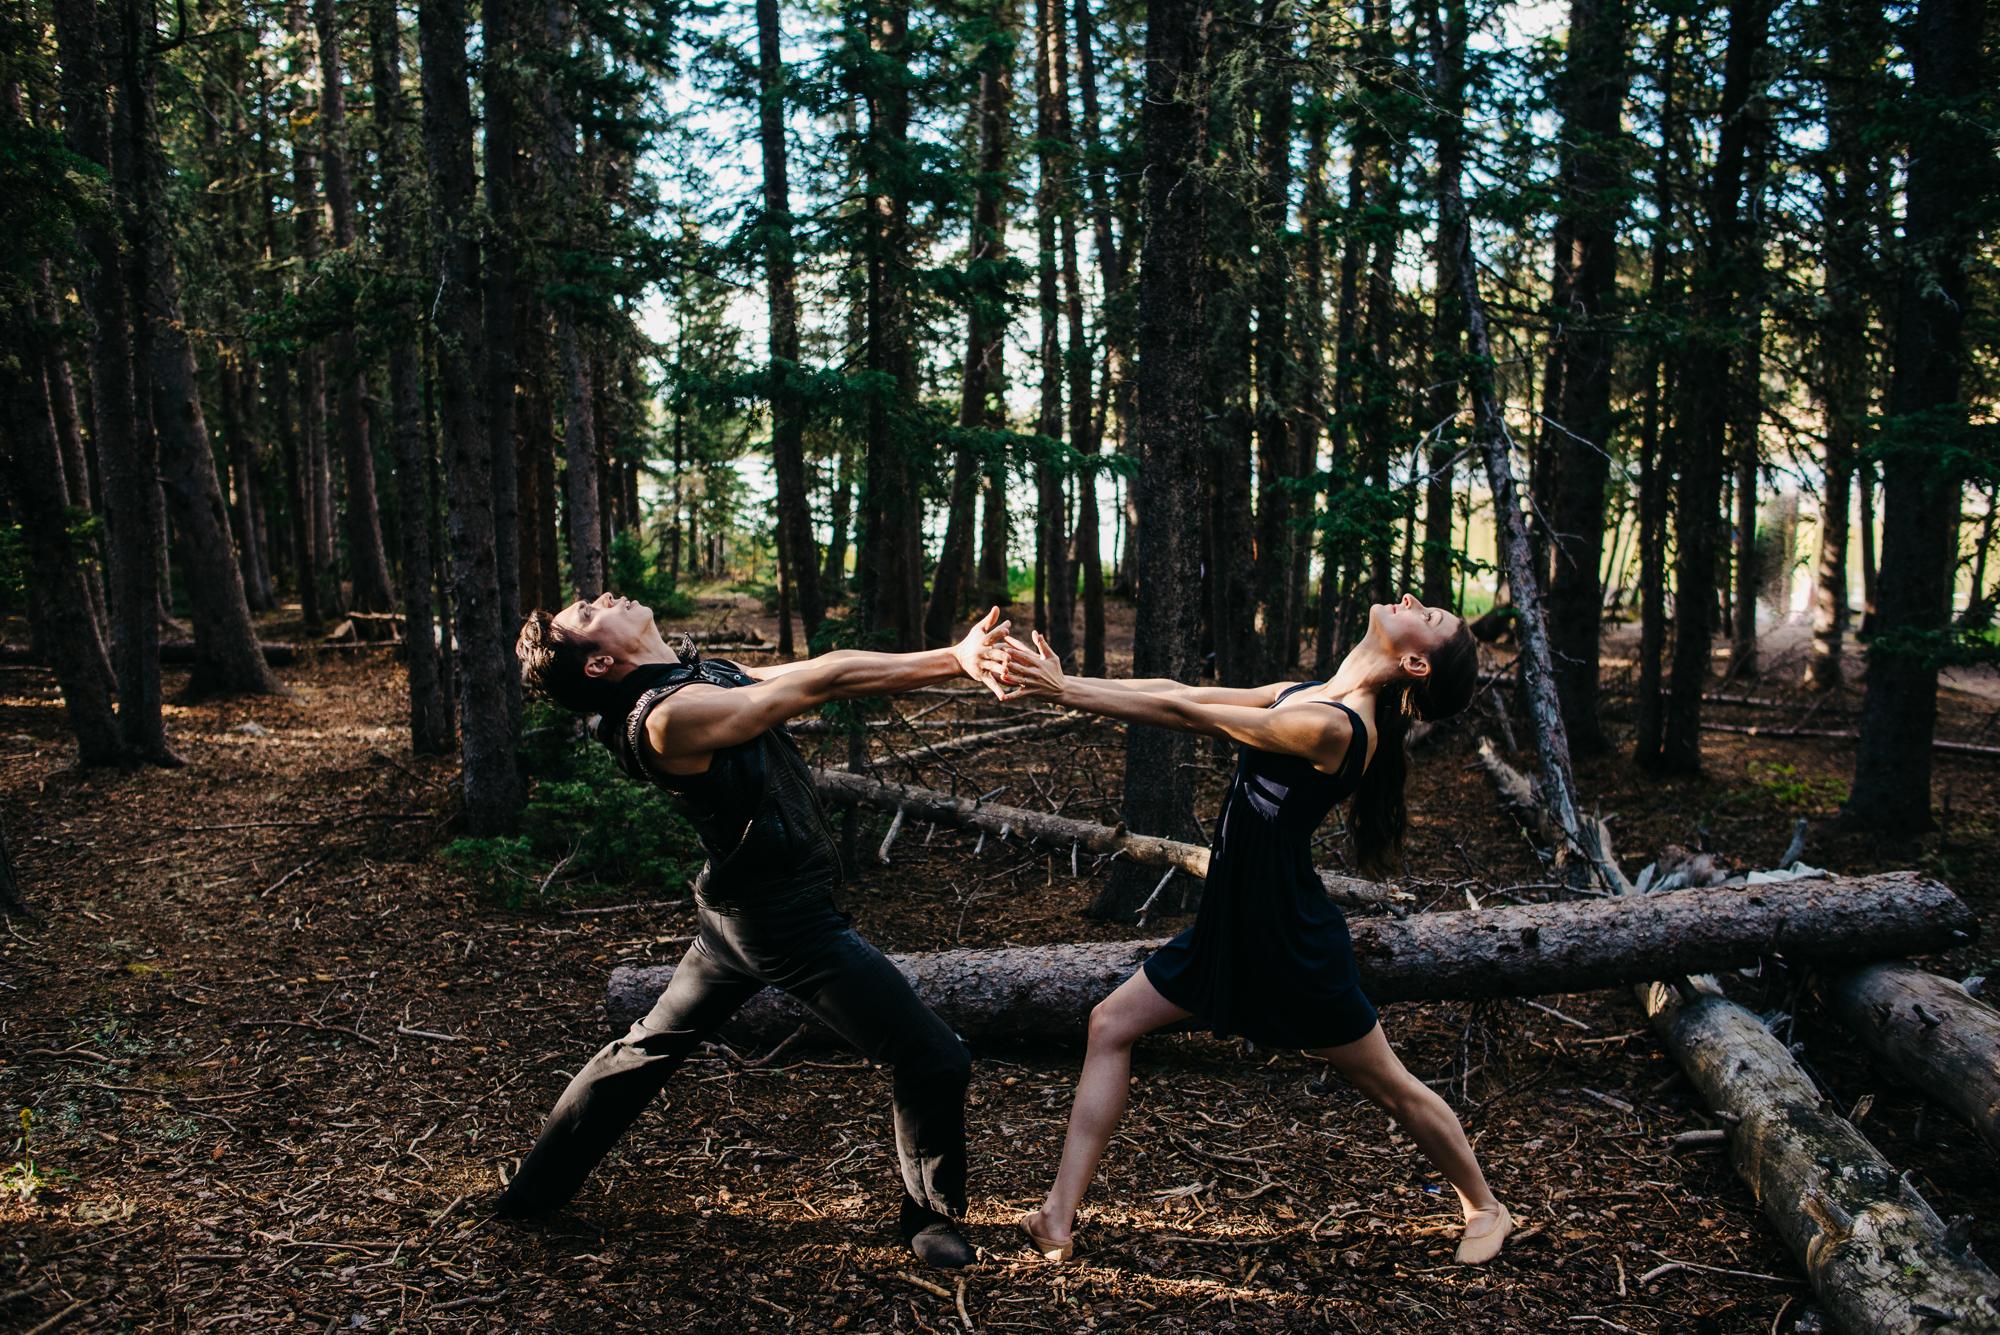 Yoga and Dance Photographer Denver, Colorado